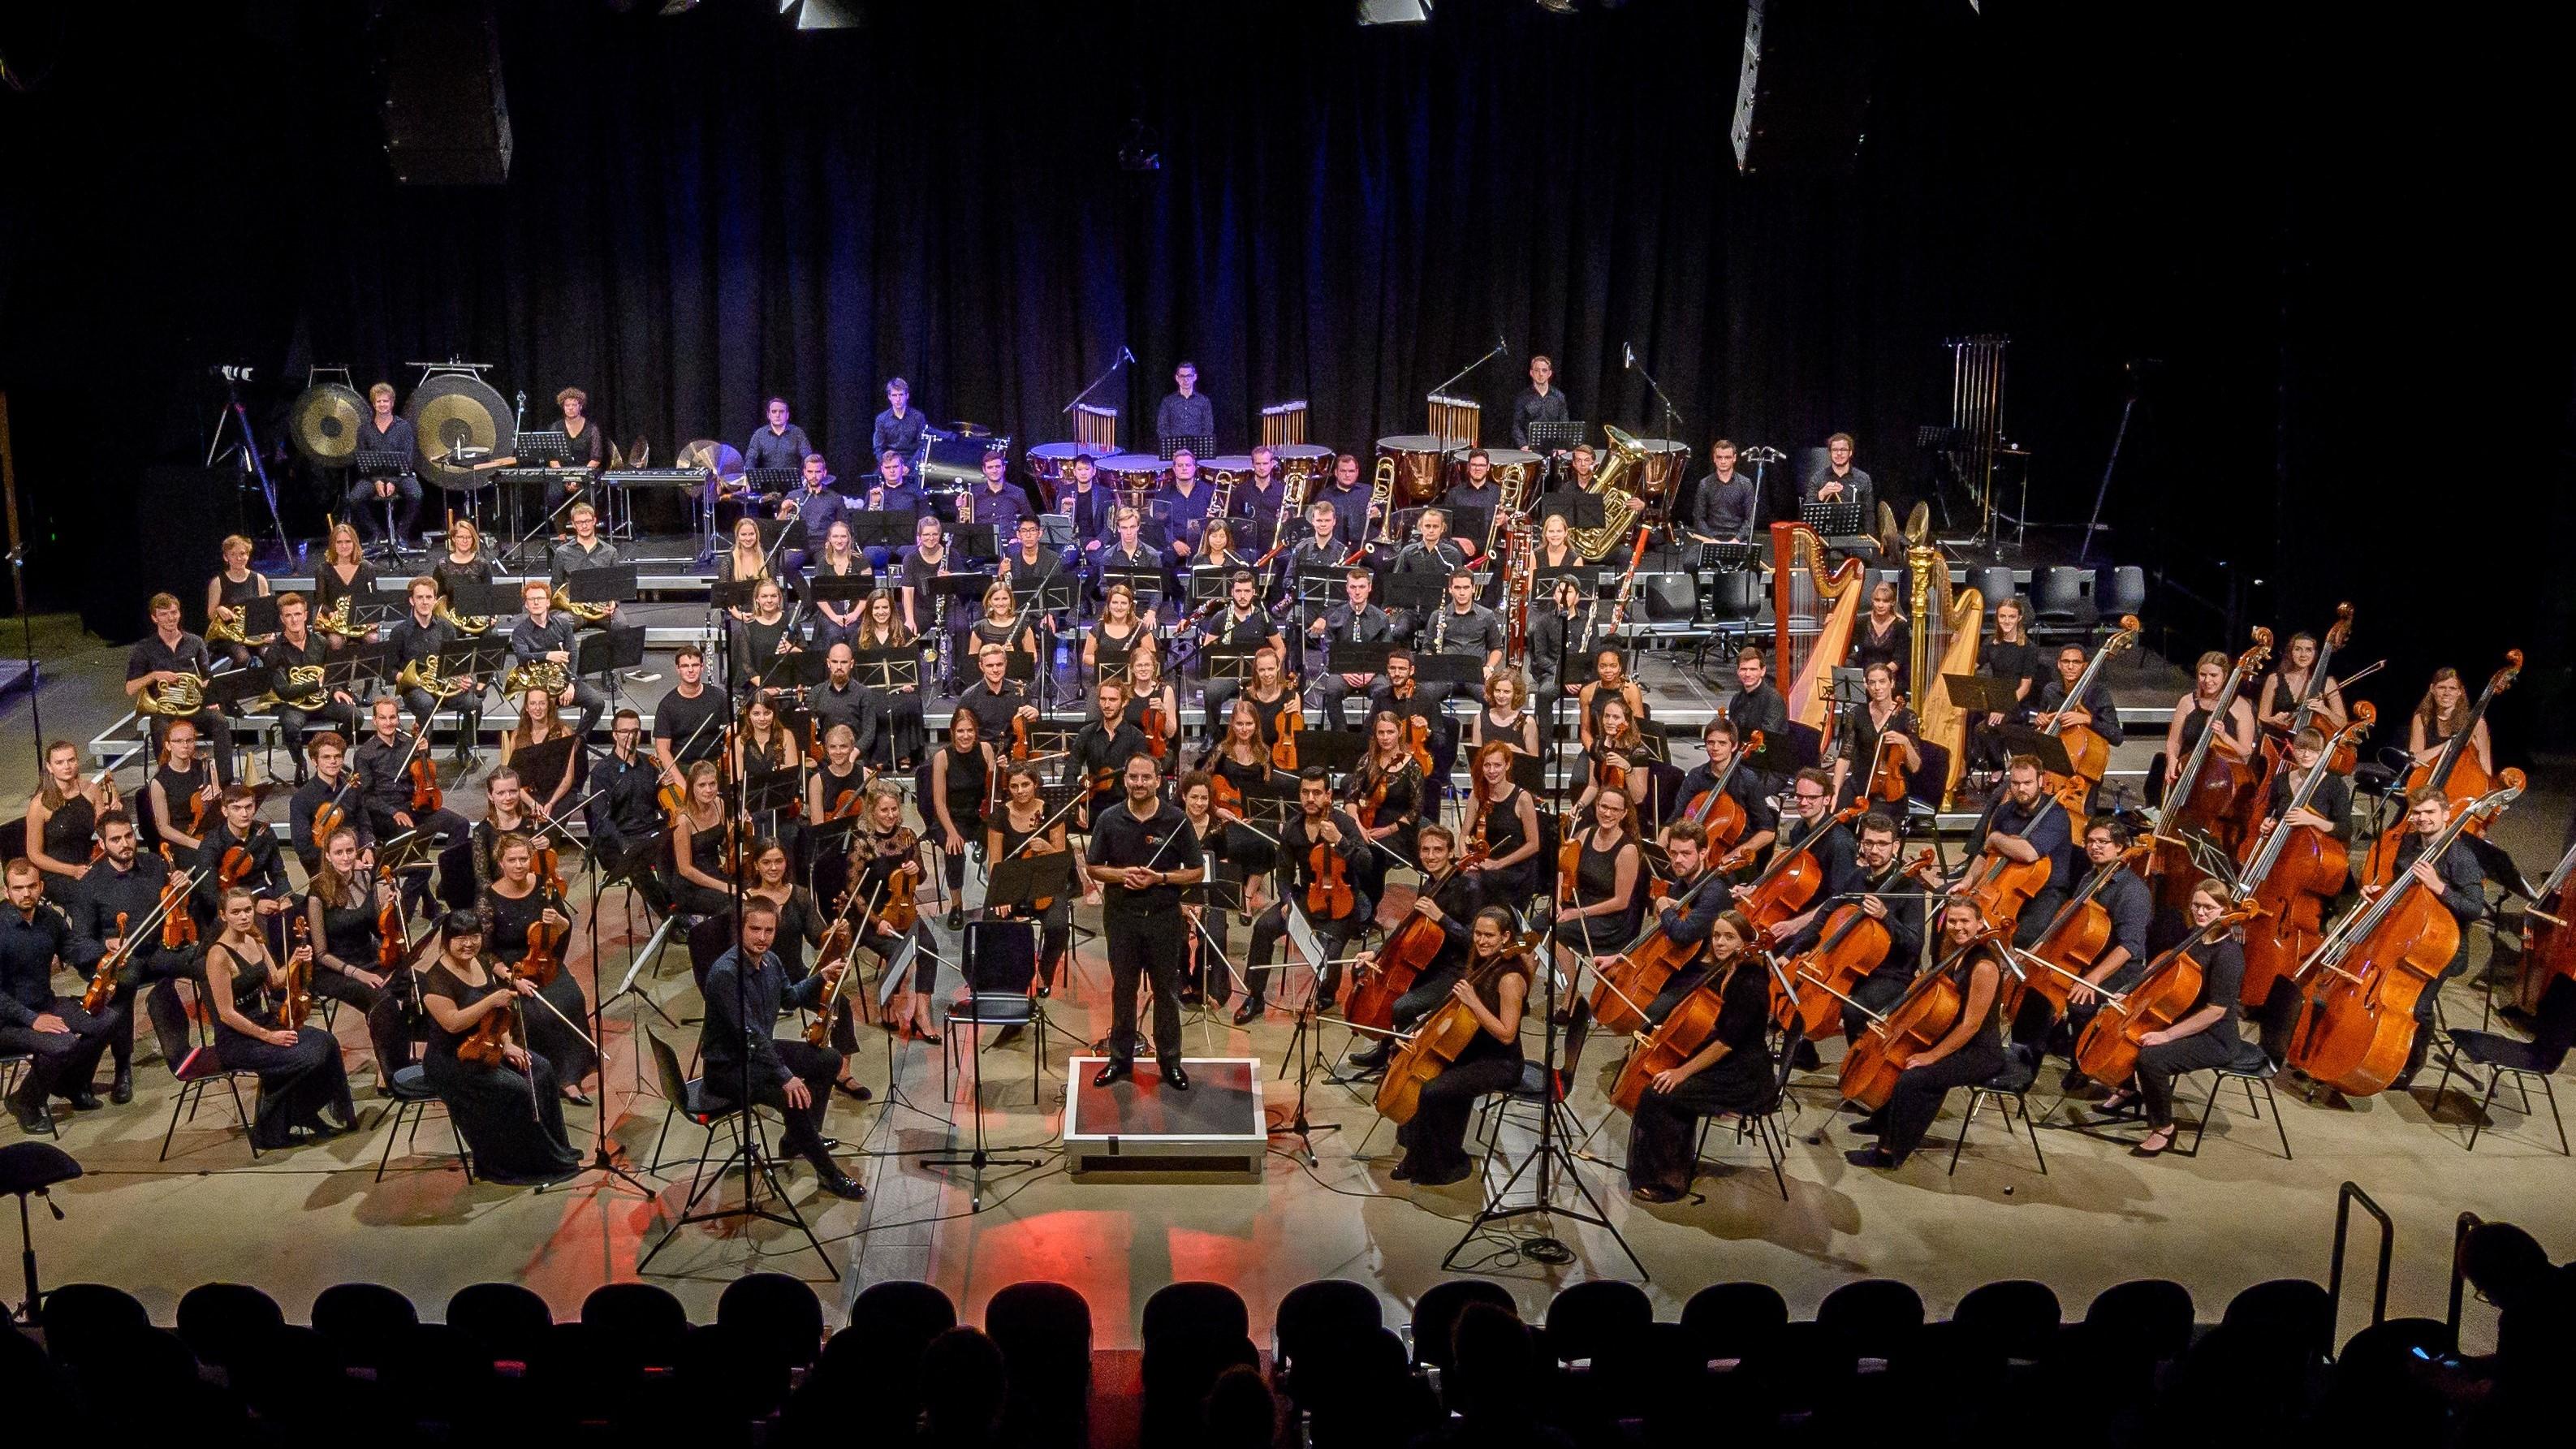 Junges Philharmonisches Orchester in der Neuen Benefelder Festhalle am 04.08.2021